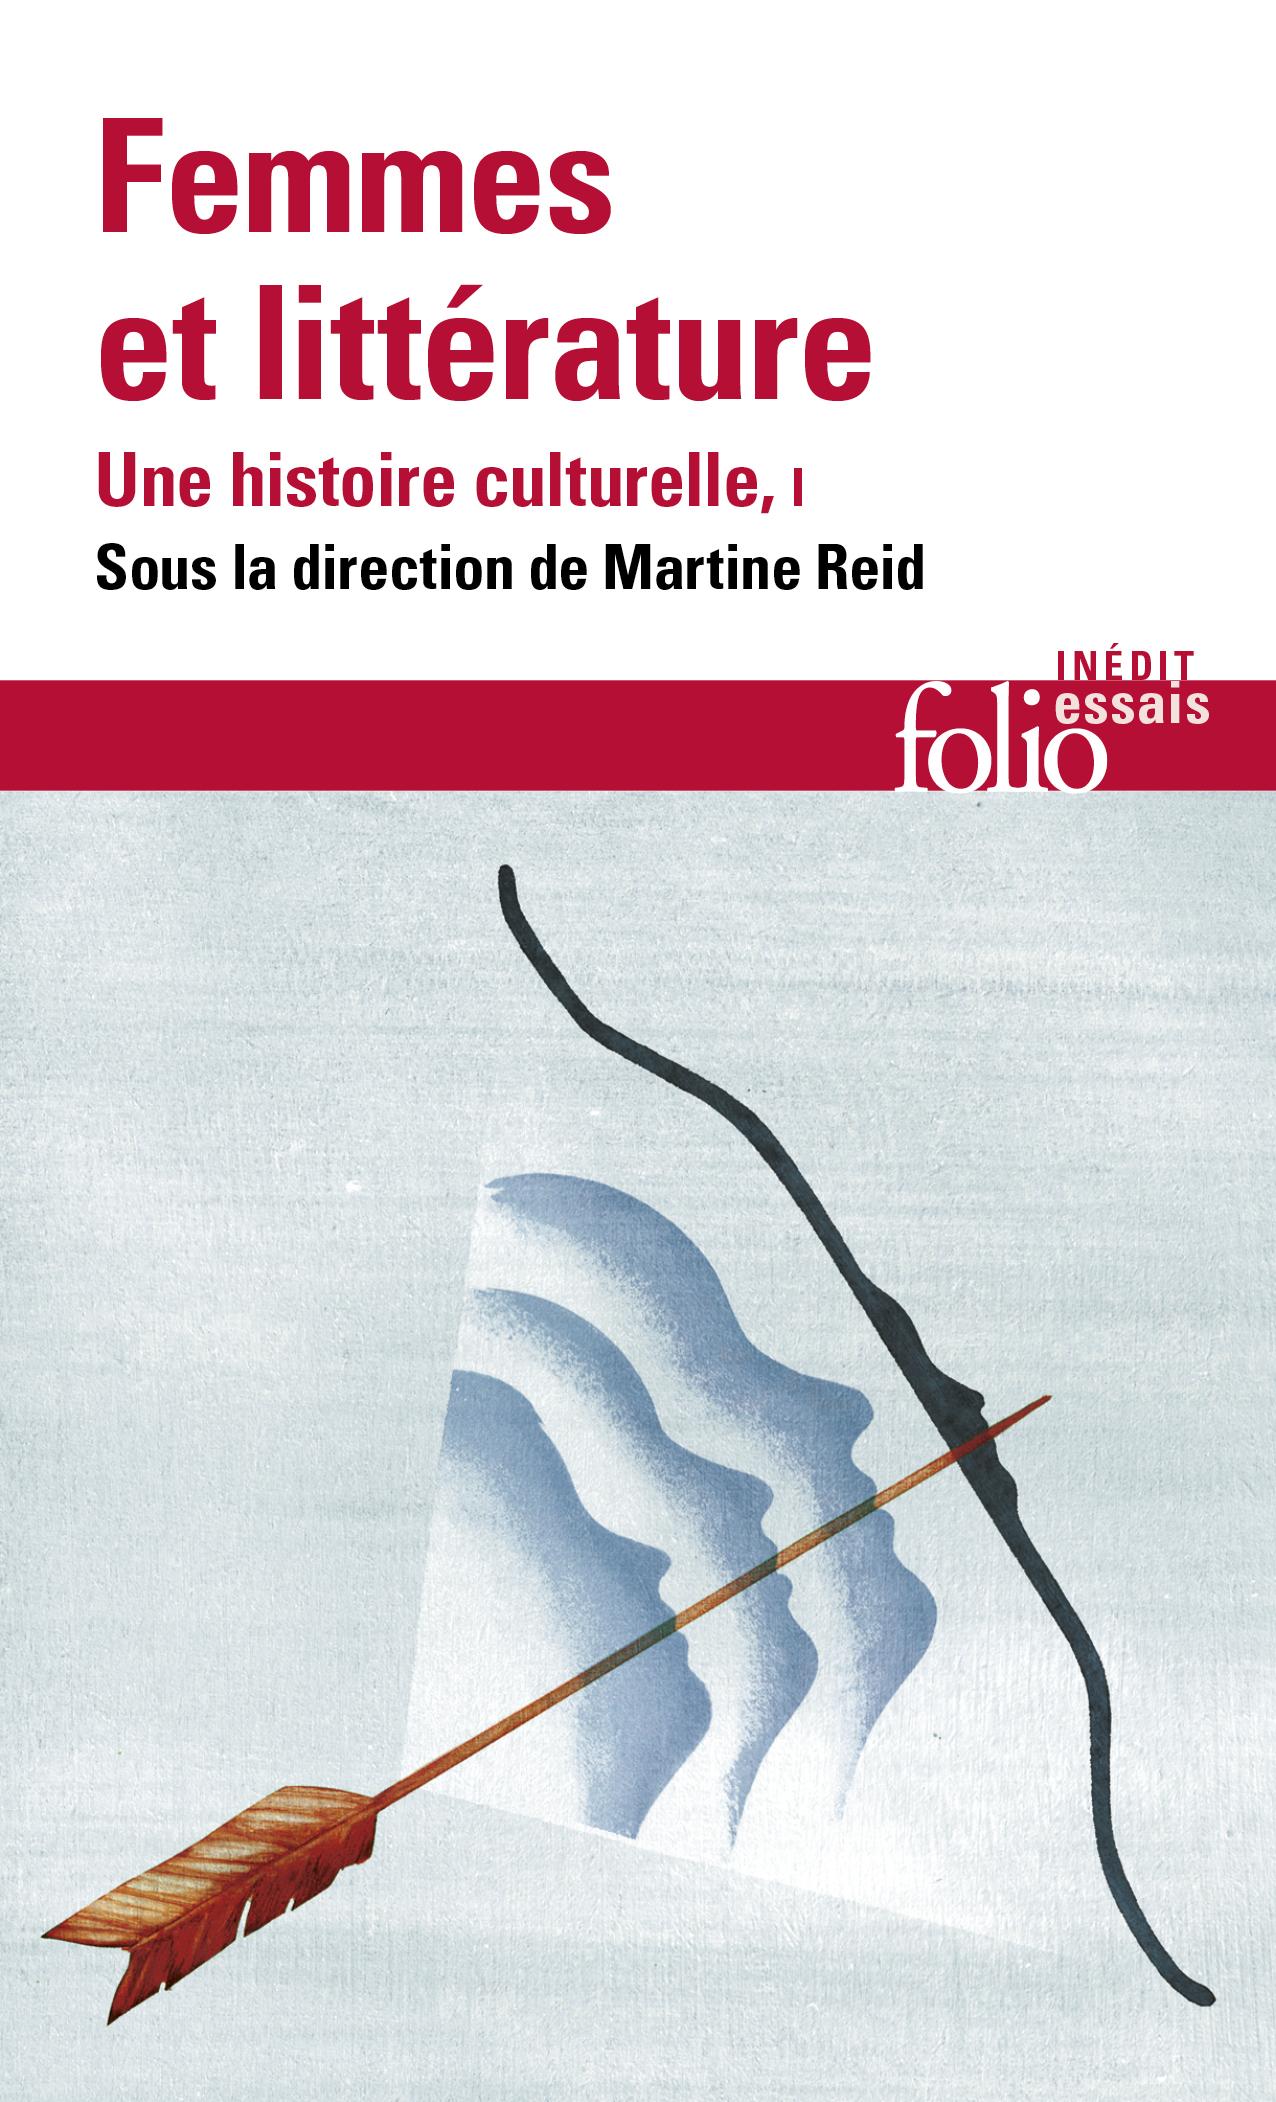 Femmes et littérature, une histoire culturelle